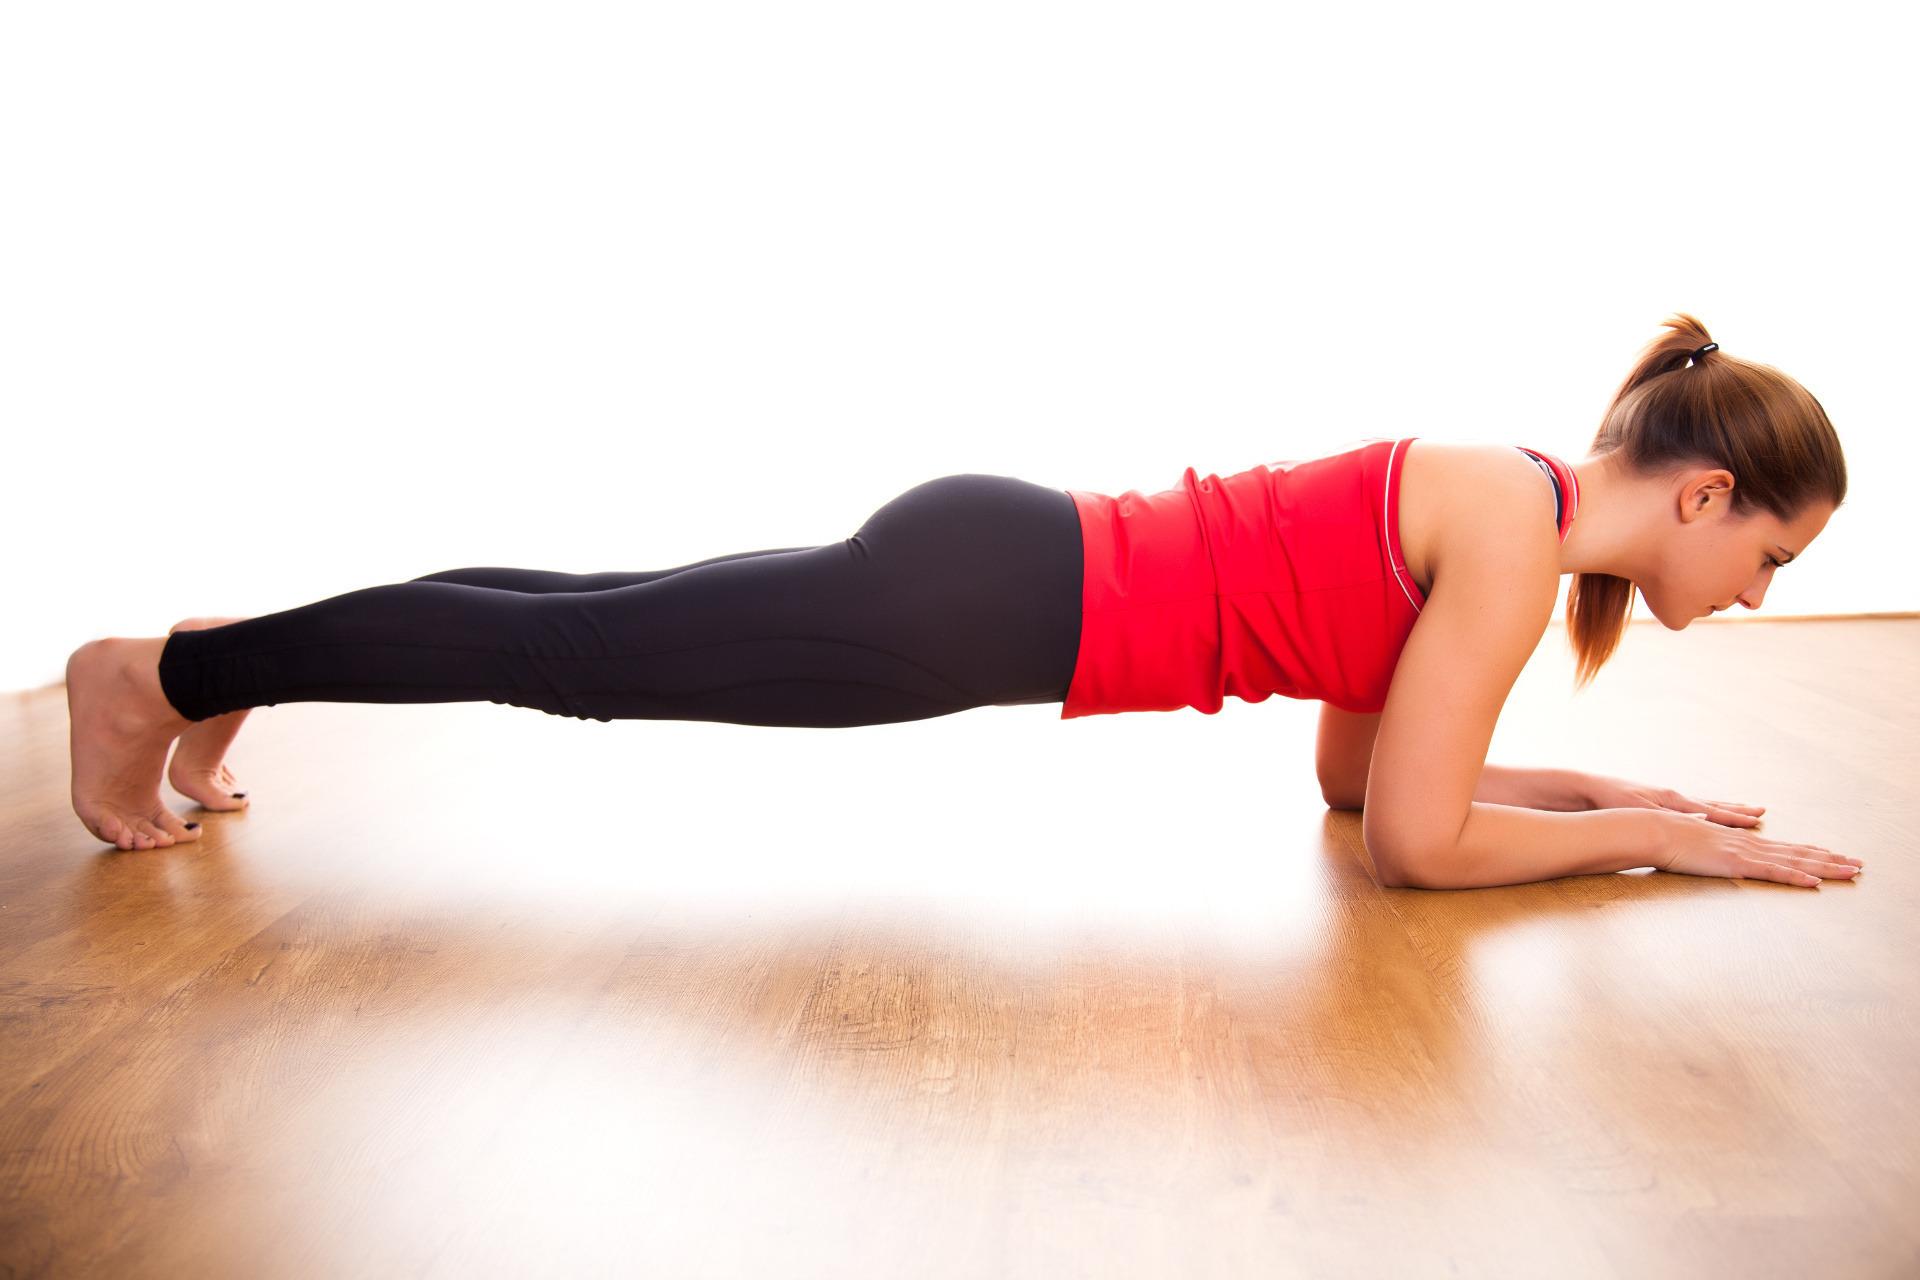 Методика Упражнений Способствующих Снижению Веса